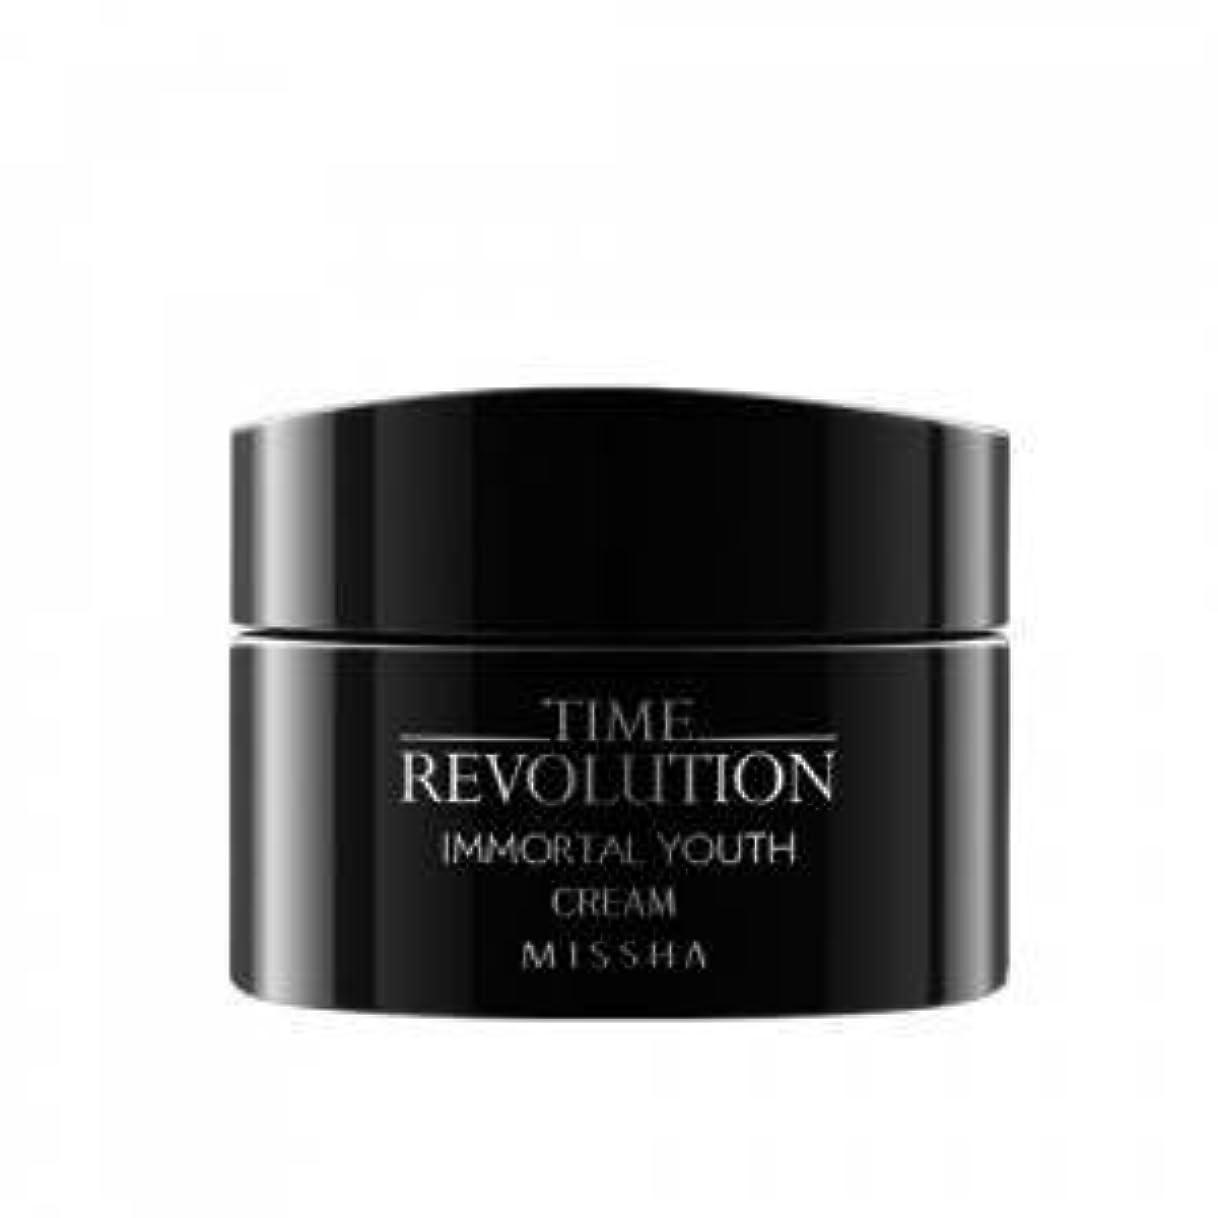 大胆共和党退屈な【MISSHA (ミシャ)】 Time Revolution Immortal Youth Cream タイムレボリューション イモータルユース クリーム